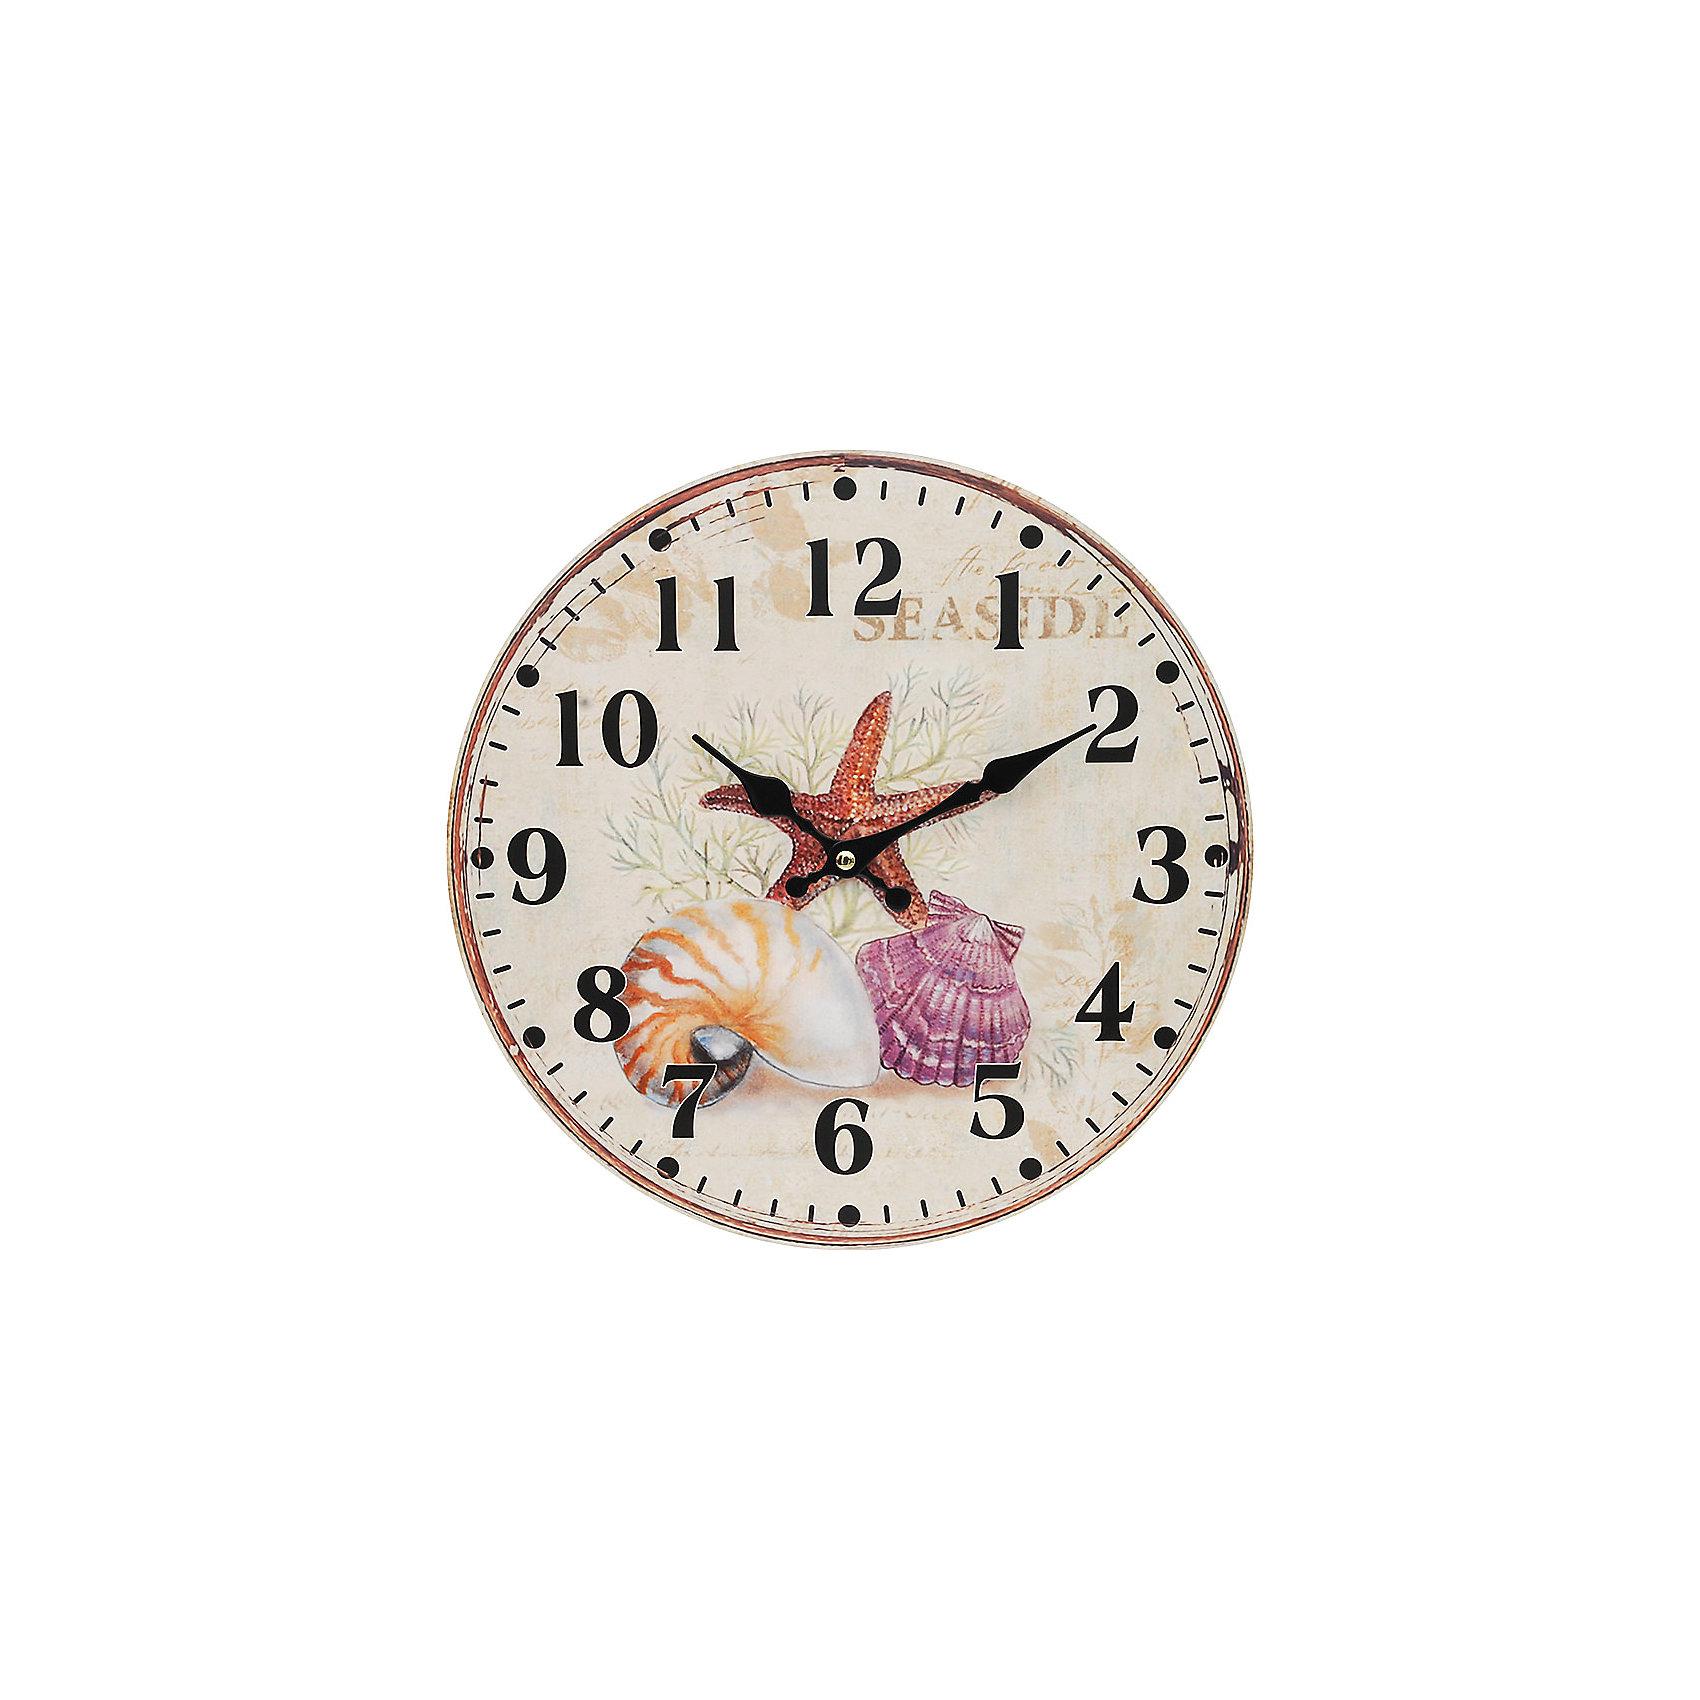 Часы настенные Морские сокровища, диаметр 34 смПредметы интерьера<br>Часы настенные Морские сокровища, диаметр 34 см.<br><br>Характеристики:<br><br>- Диаметр: 34 см.<br>- Две стрелки часовая и минутная<br>- Батарейка: 1 типа АА (в комплект не входит)<br>- Основные цвета: бледно-розовый, кремовый, серо-зеленый<br>- Упаковка картонная коробка<br><br>Кварцевые настенные часы с механизмом плавного хода помимо своего прямого назначения – показывать точное время – станут важным элементом декора Вашего дома, квартиры или офиса. Открытый циферблат часов выполнен из листа оргалита с декоративным покрытием, оформлен изображением ракушек. Часовая и минутная стрелки металлические. Часовой механизм закрыт пластиковым корпусом. Часы будут ярким акцентом в интерьере и создадут дополнительный уют и хорошее настроение.<br><br>Часы настенные Морские сокровища, диаметр 34 см можно купить в нашем интернет-магазине.<br><br>Ширина мм: 345<br>Глубина мм: 340<br>Высота мм: 45<br>Вес г: 2500<br>Возраст от месяцев: 72<br>Возраст до месяцев: 144<br>Пол: Унисекс<br>Возраст: Детский<br>SKU: 5089839